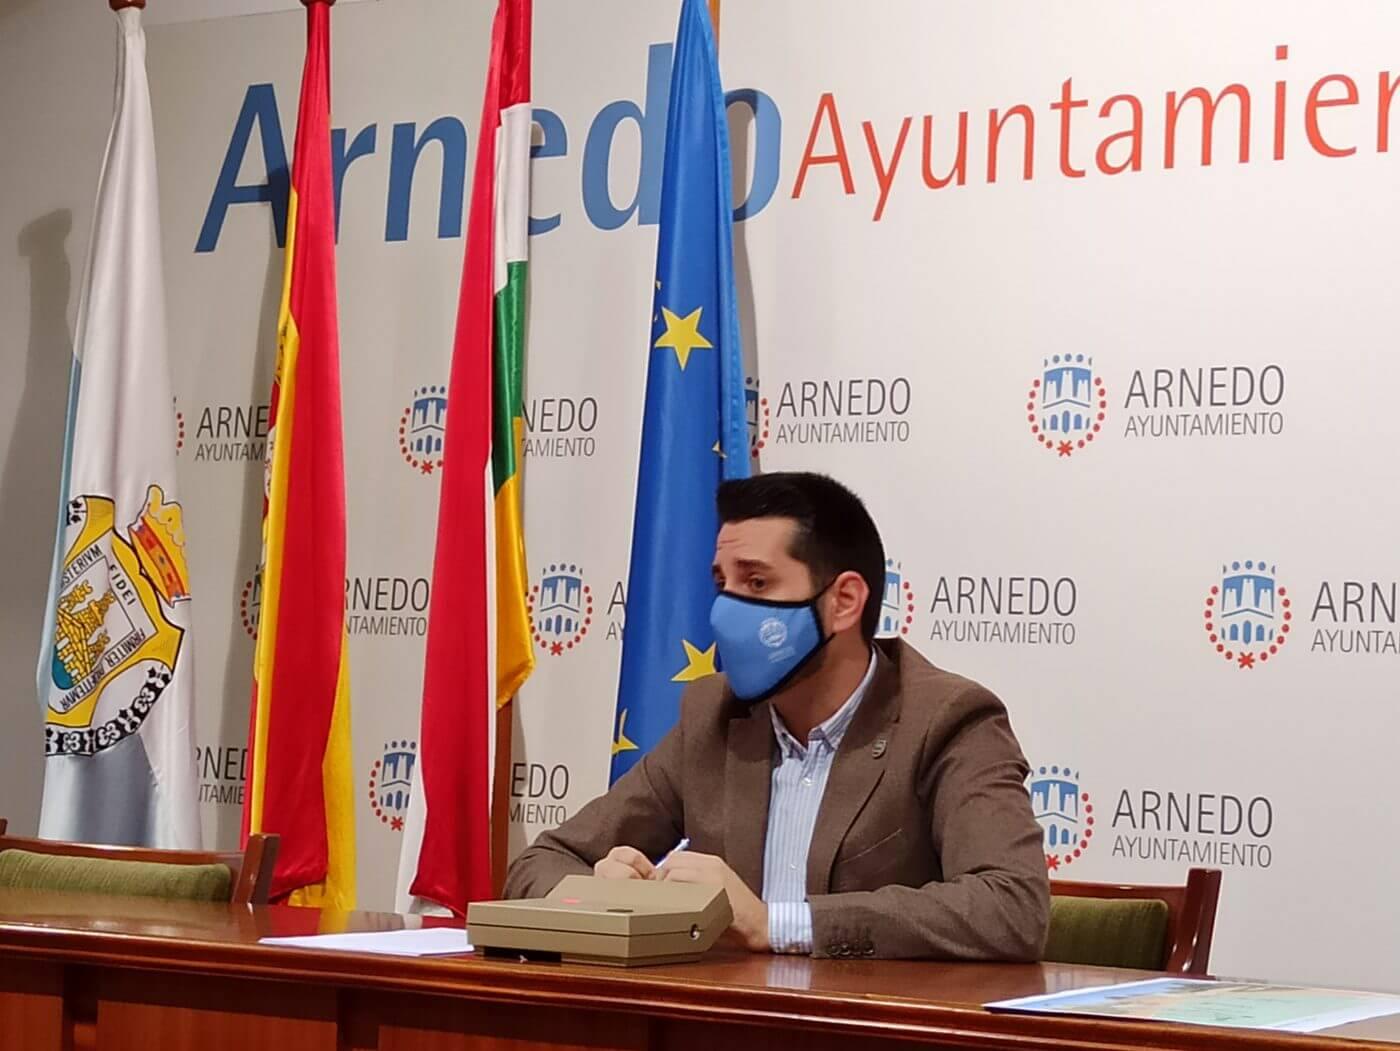 La Junta de Gobierno Local de Arnedo aprueba el padrón del IBI por el que se prevé ingresar 3.399.082 euros